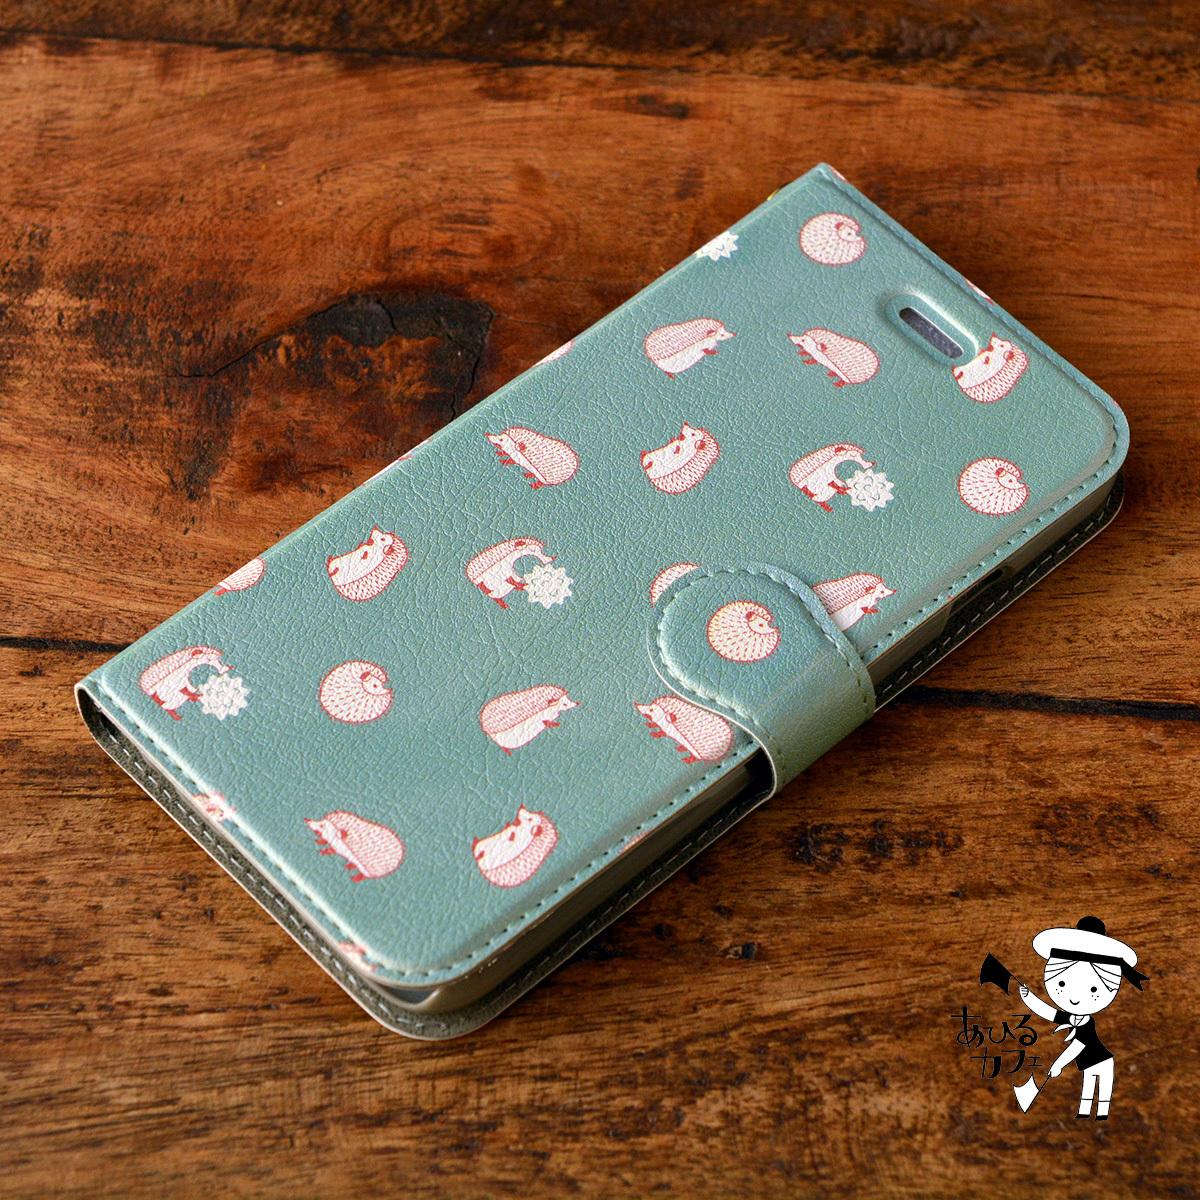 【訳あり】アイフォン6s ケース 手帳型 かわいい iphone6s ケース 手帳 大人かわいい iphone6s ケース 手帳 シンプル かわいい はりねずみ ハリネズミ/あひるカフェ【tn-iph6t-08102-B2】